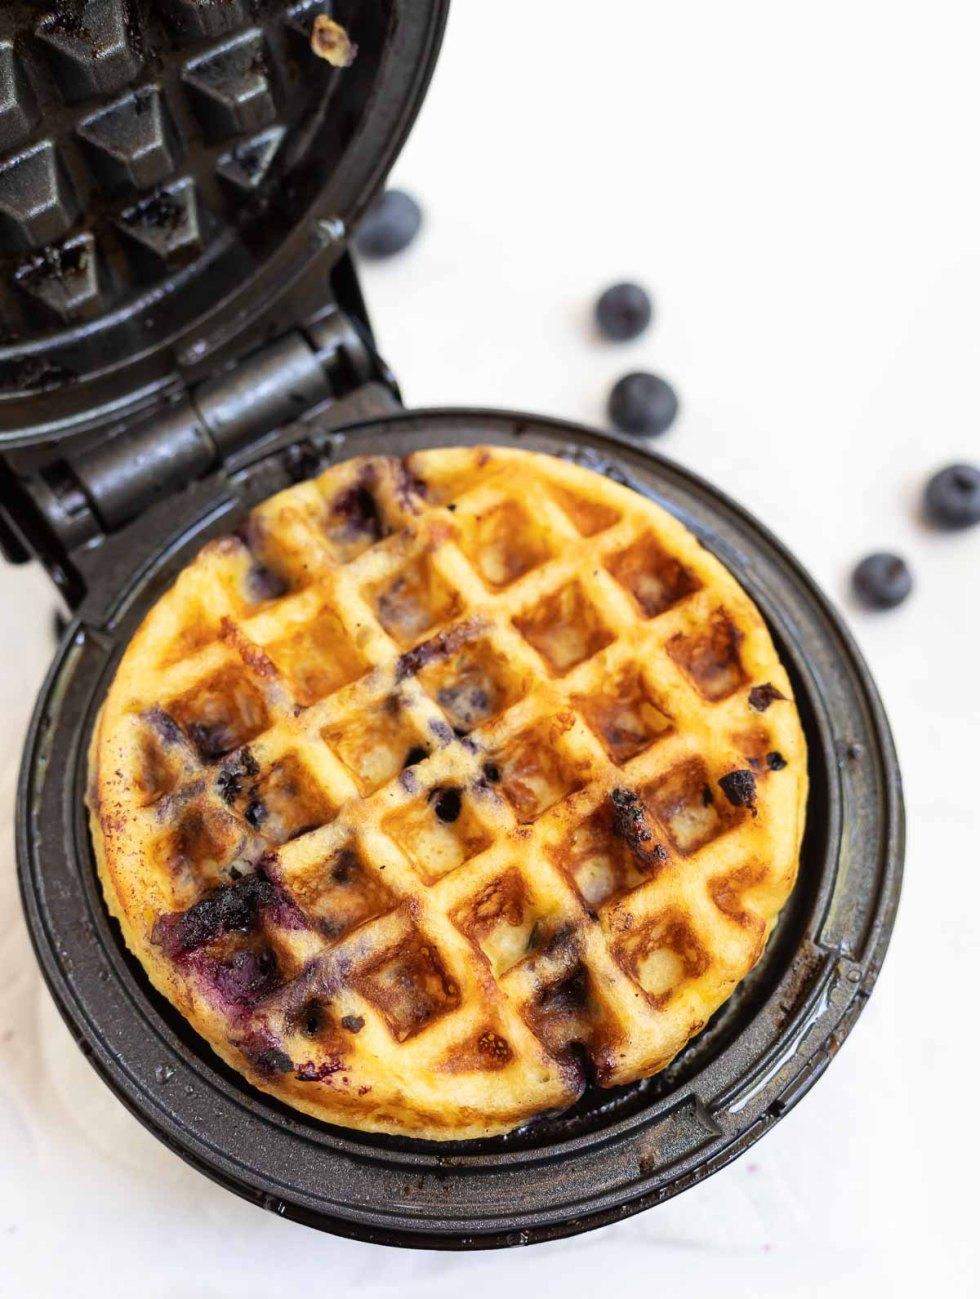 blueberry waffle in waffle iron